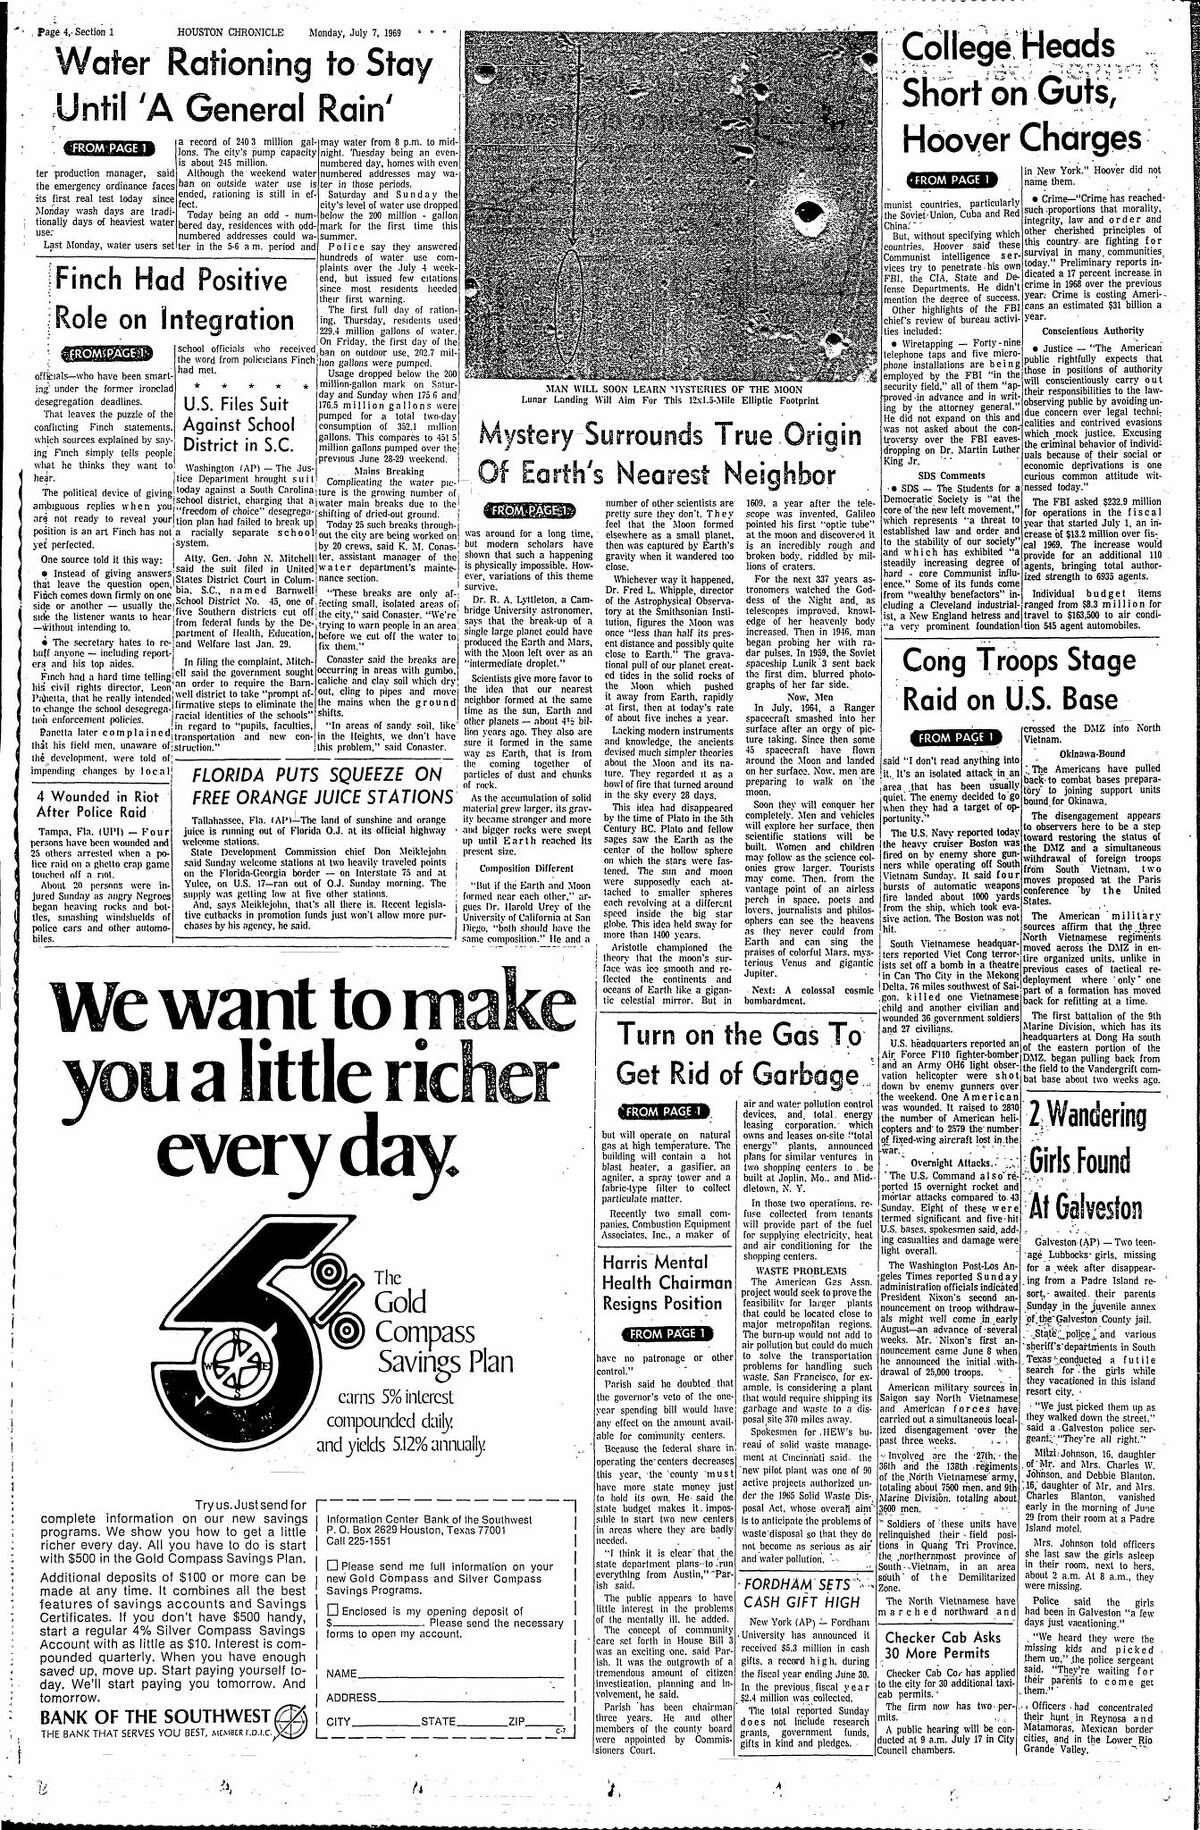 July 7, 1969